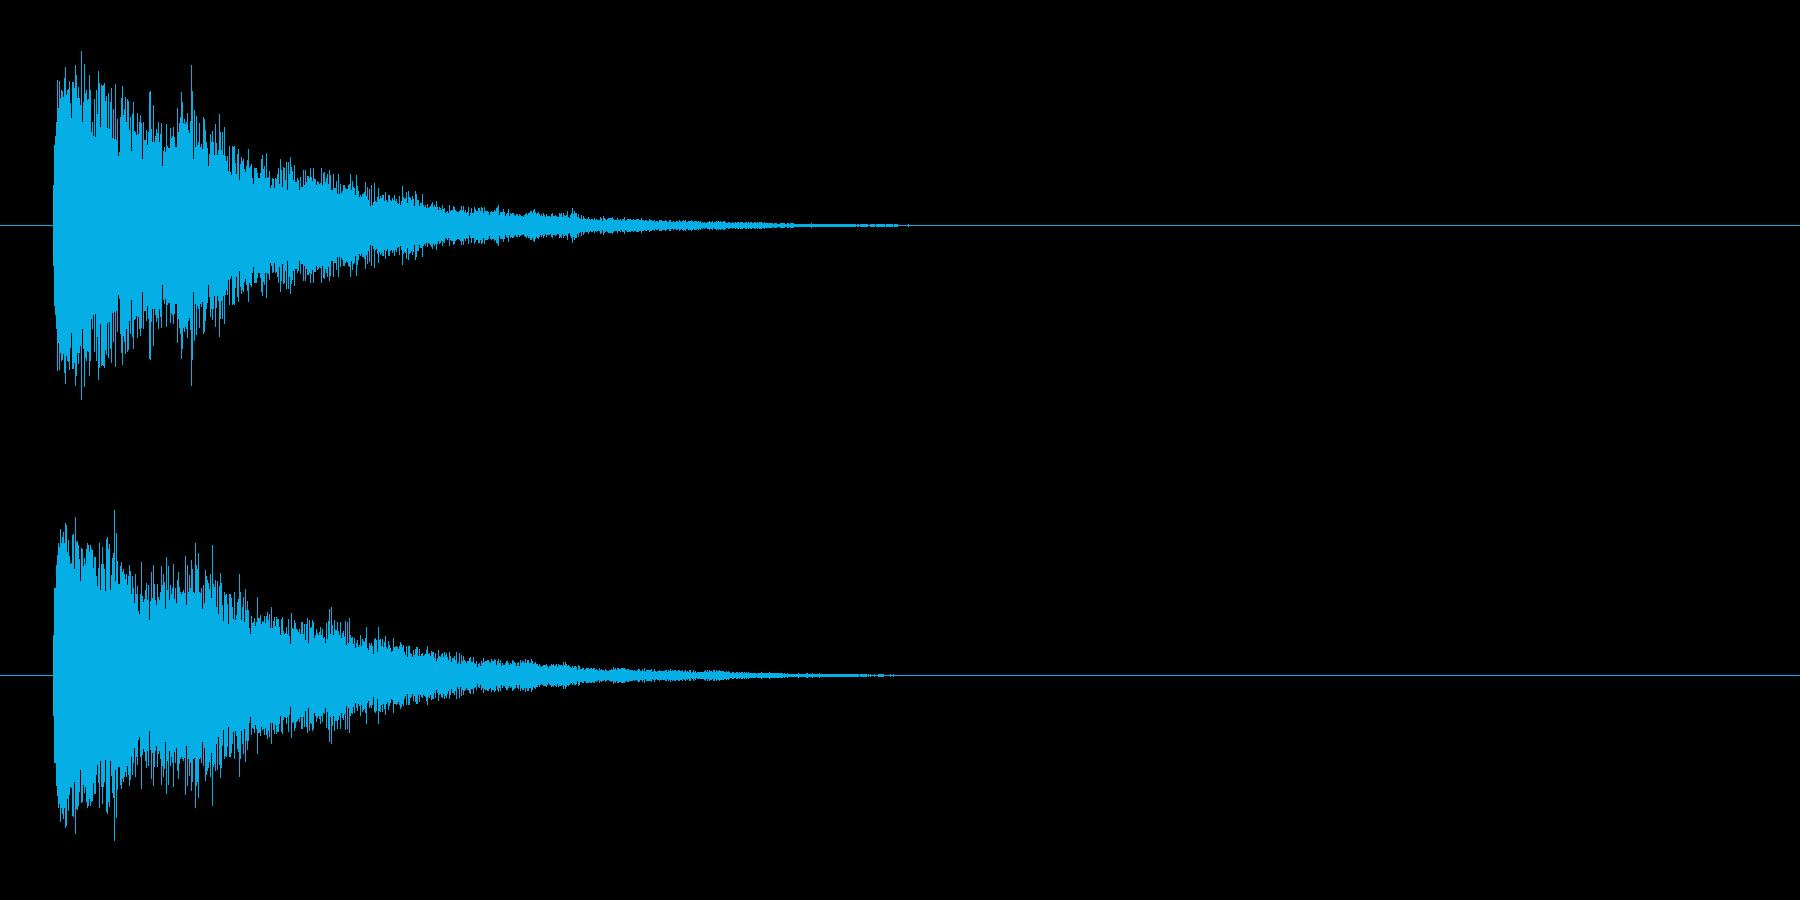 キラーン②(輝く・瞬き・星・魔法・発光)の再生済みの波形